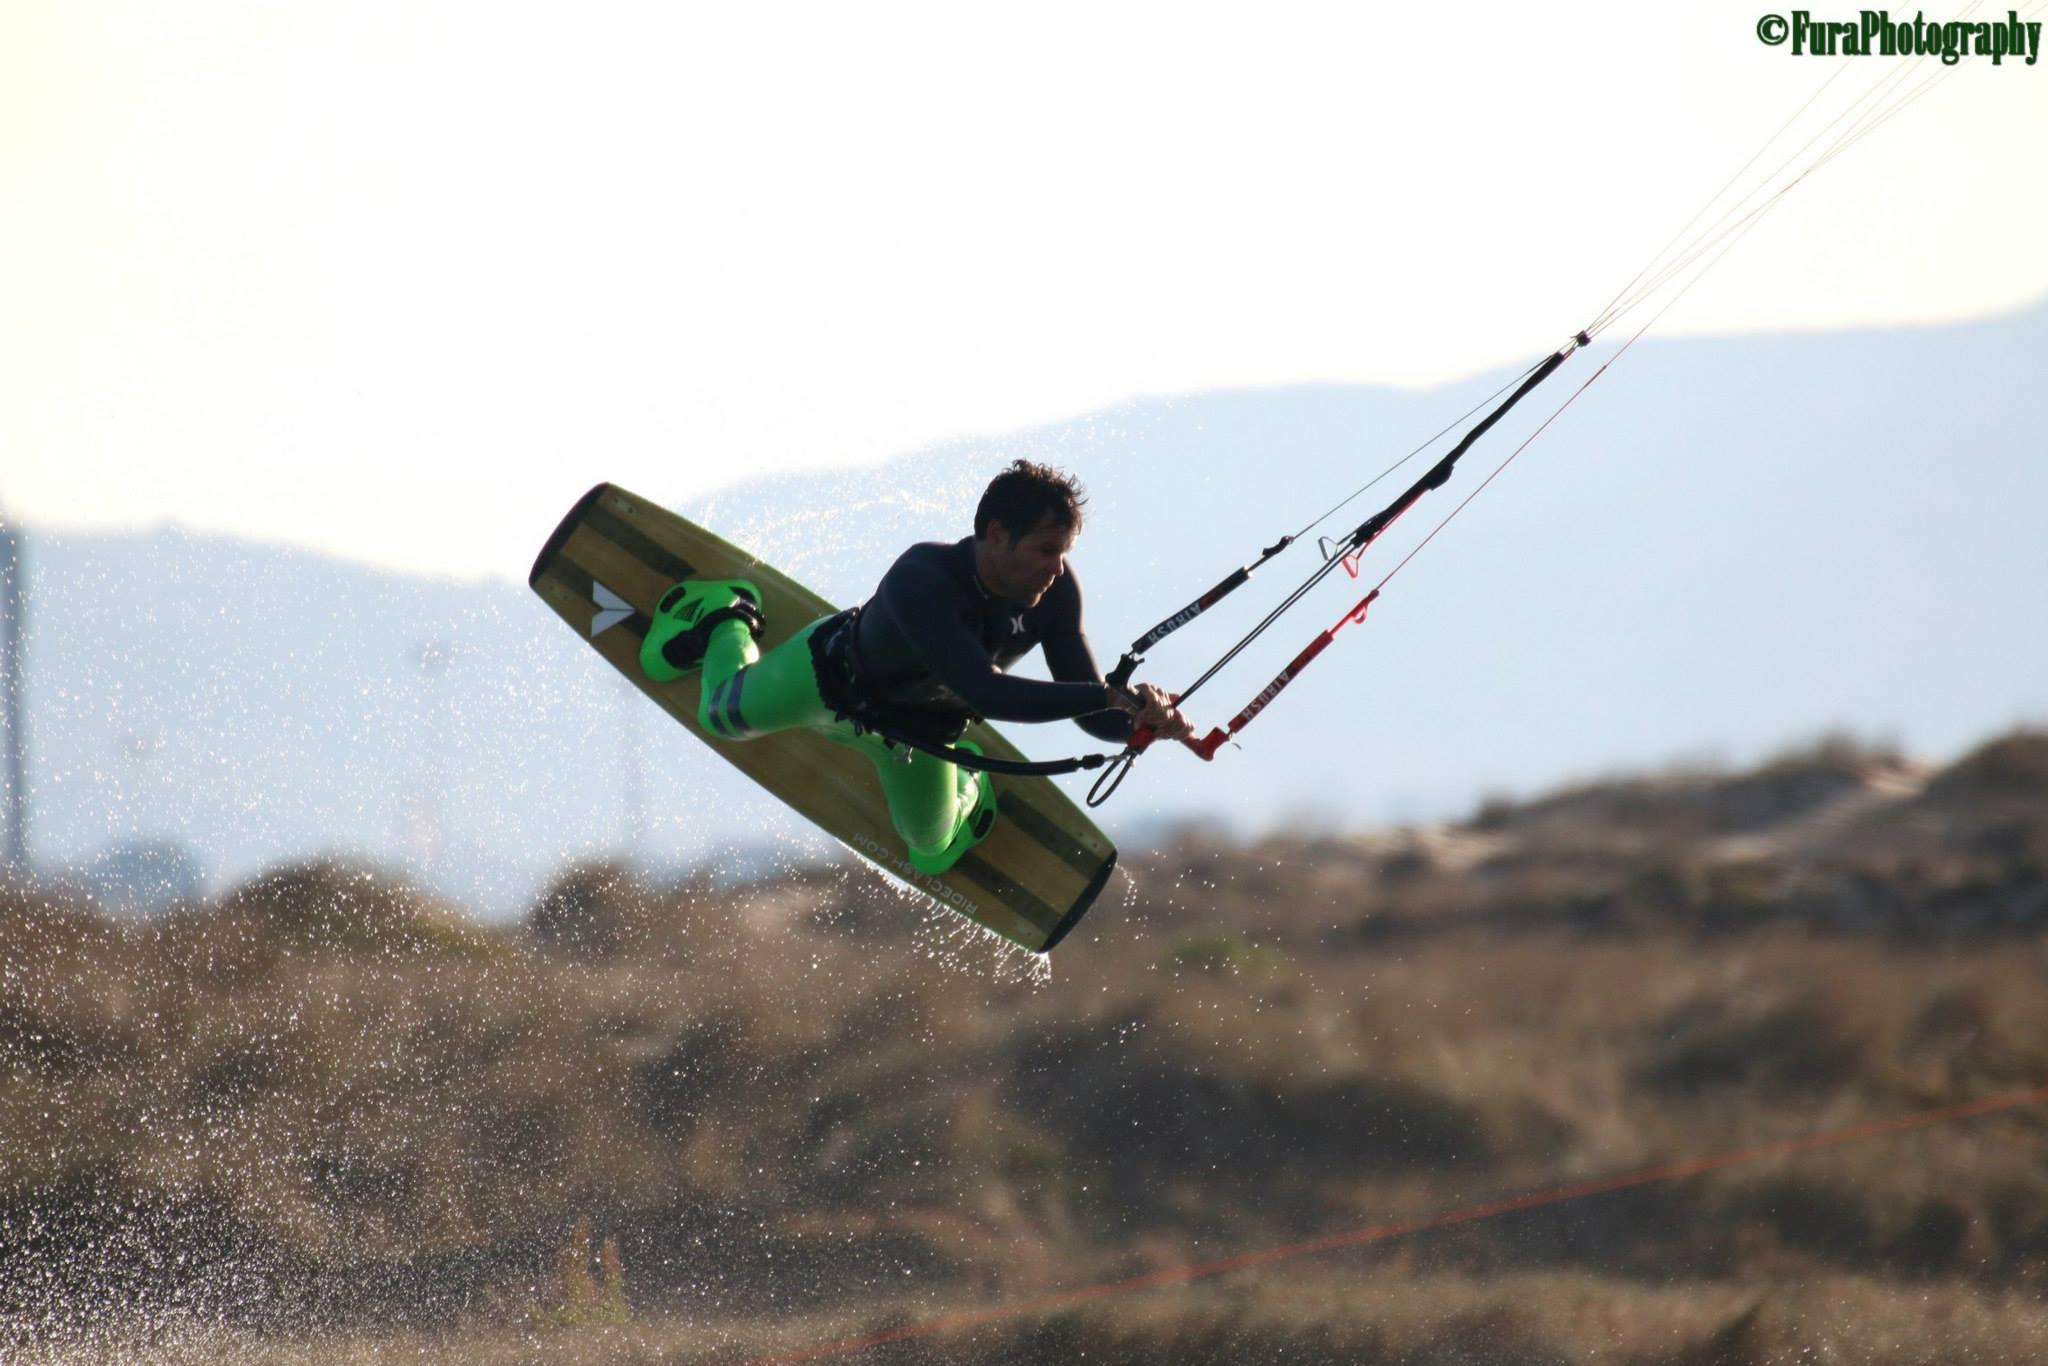 Armando Puerta | Tarifa Spain  Veteran Kiteboarder